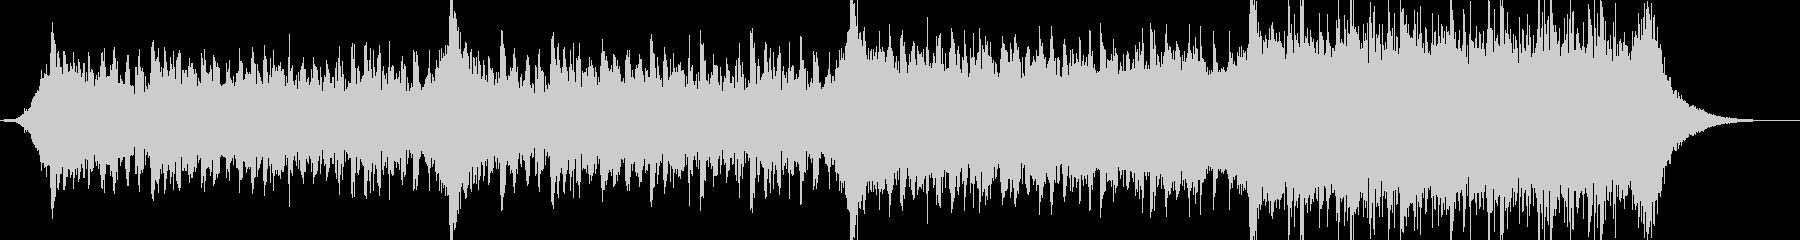 企業VPや映像39、壮大、オーケストラbの未再生の波形